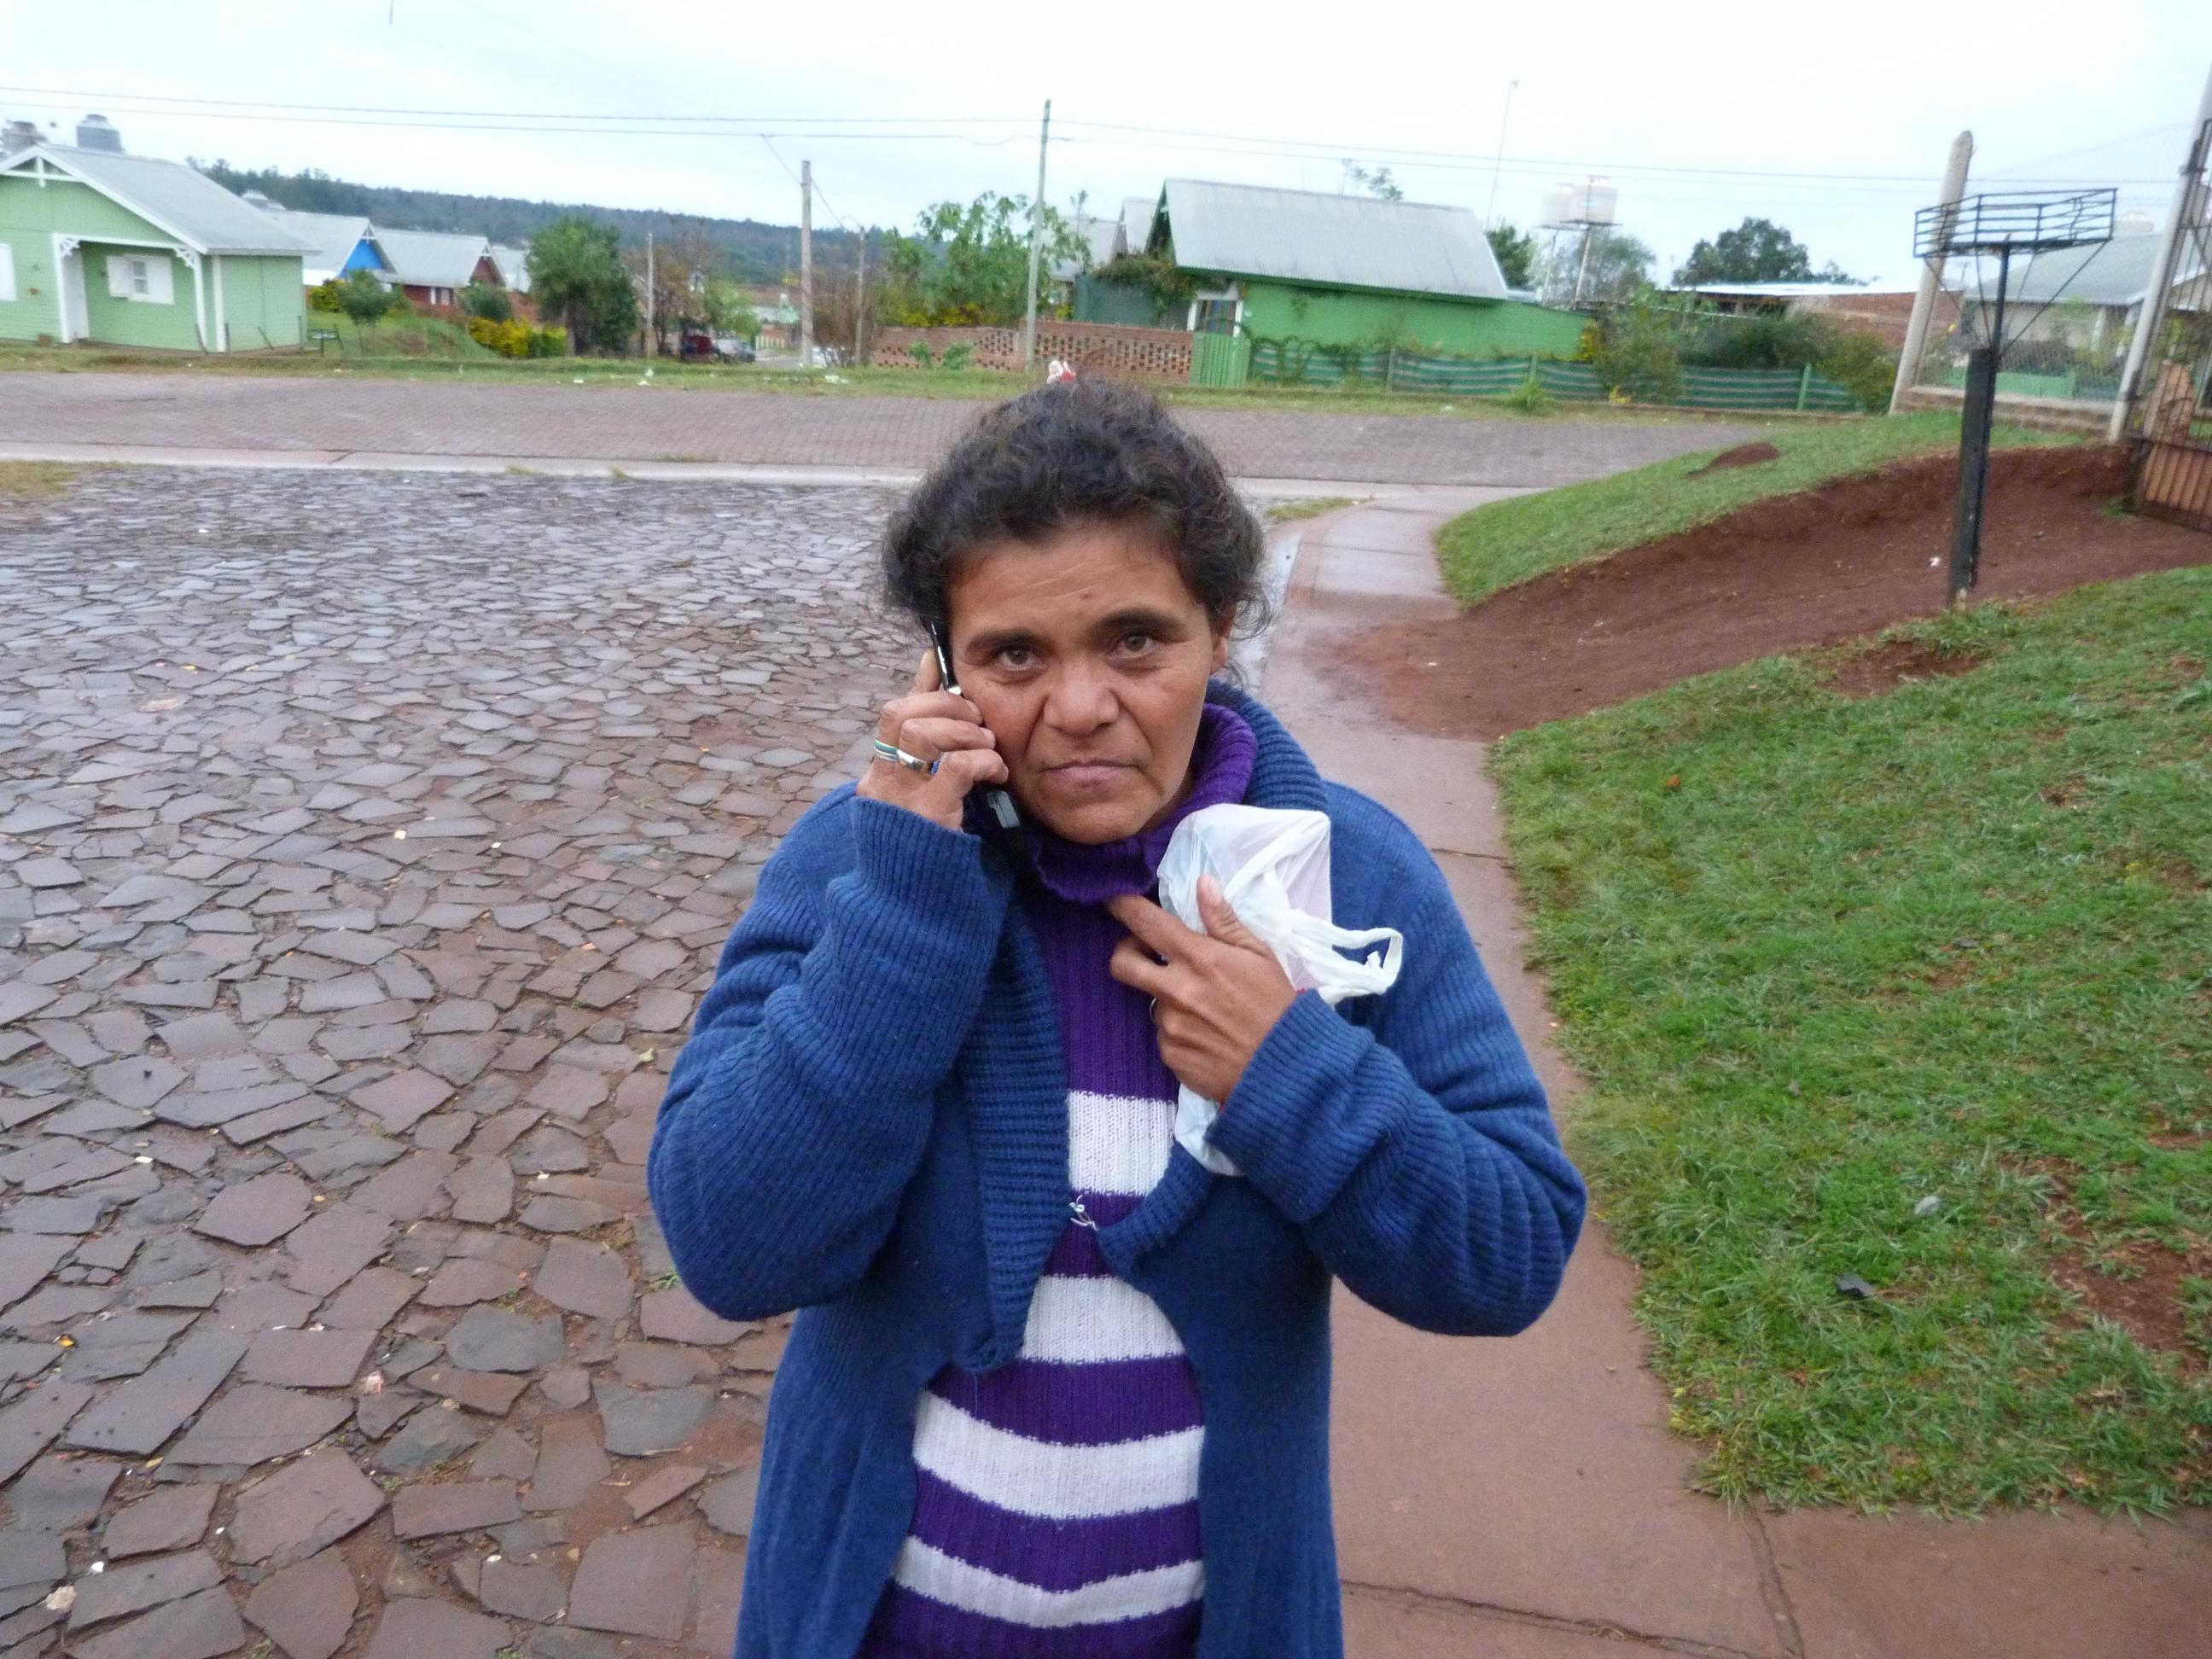 Mirta Machado, madre de la chica que dio su beba.